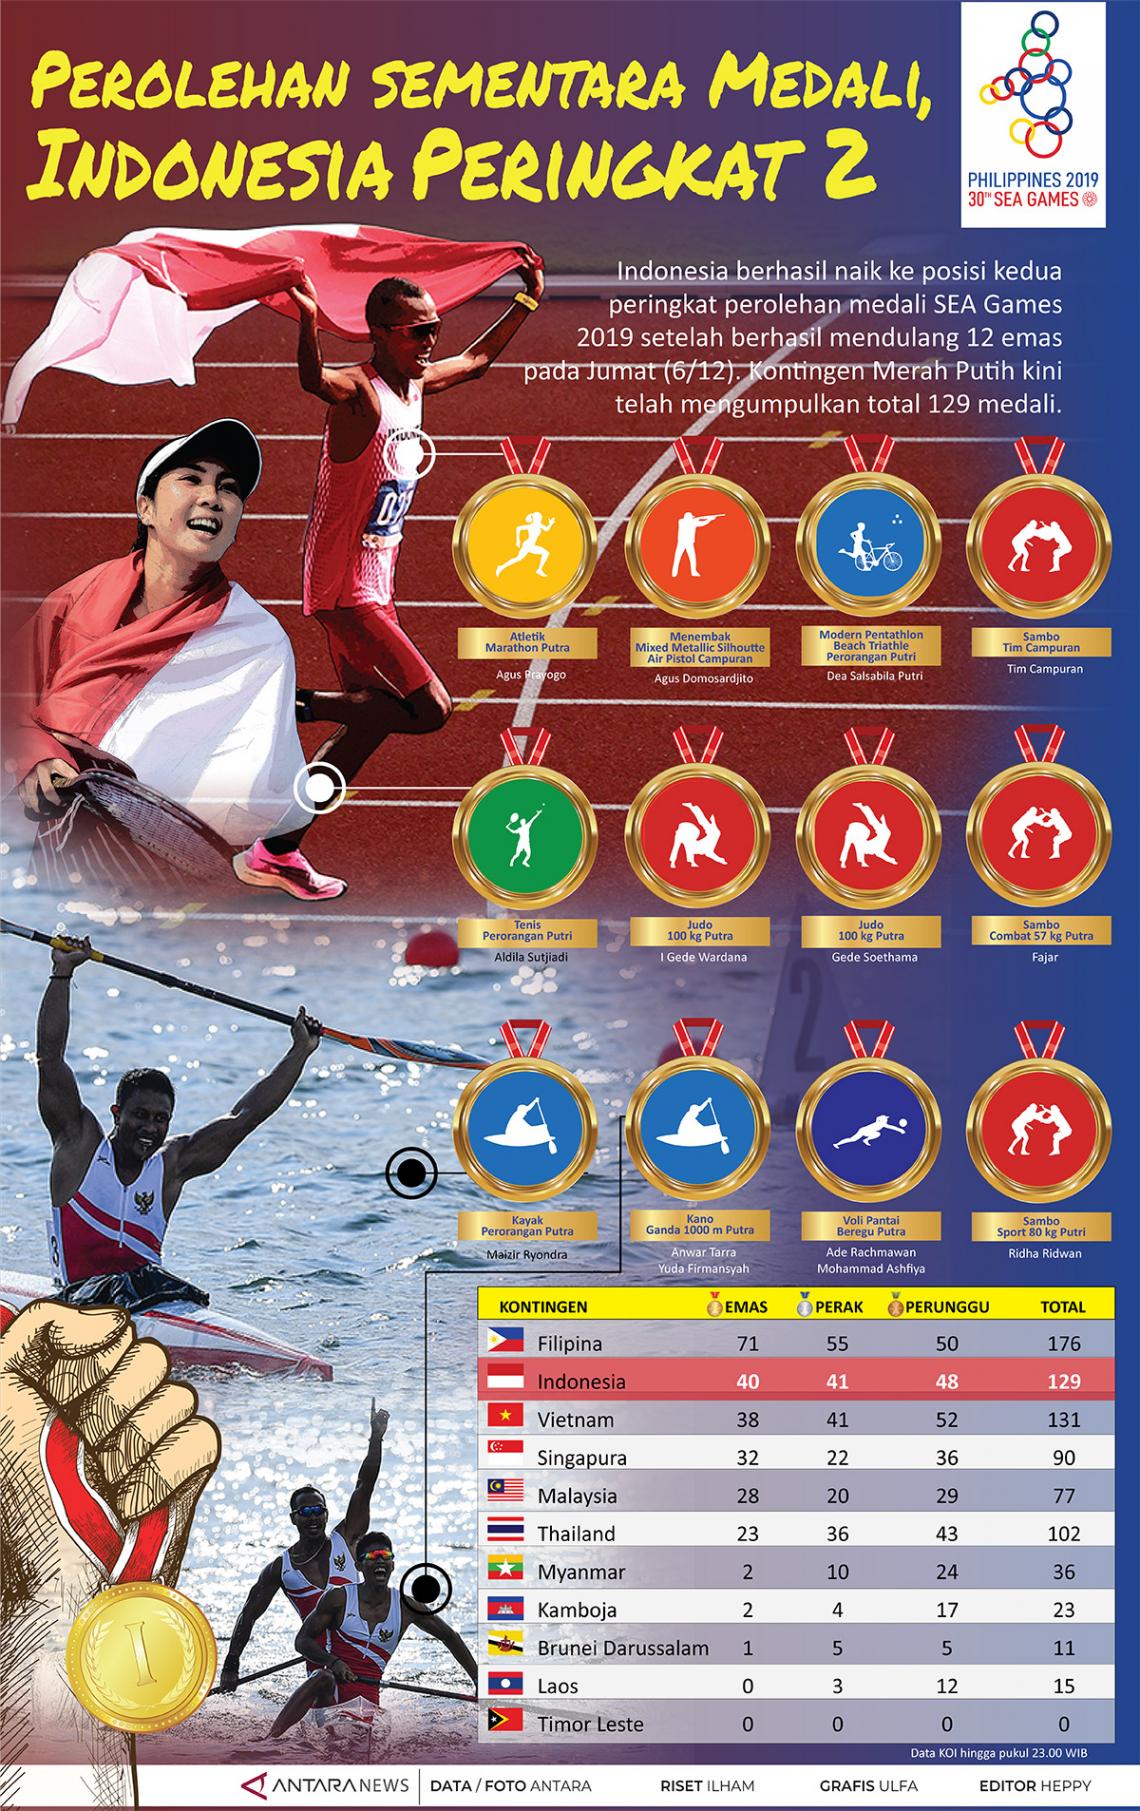 Perolehan sementara medali, Indonesia peringkat 2